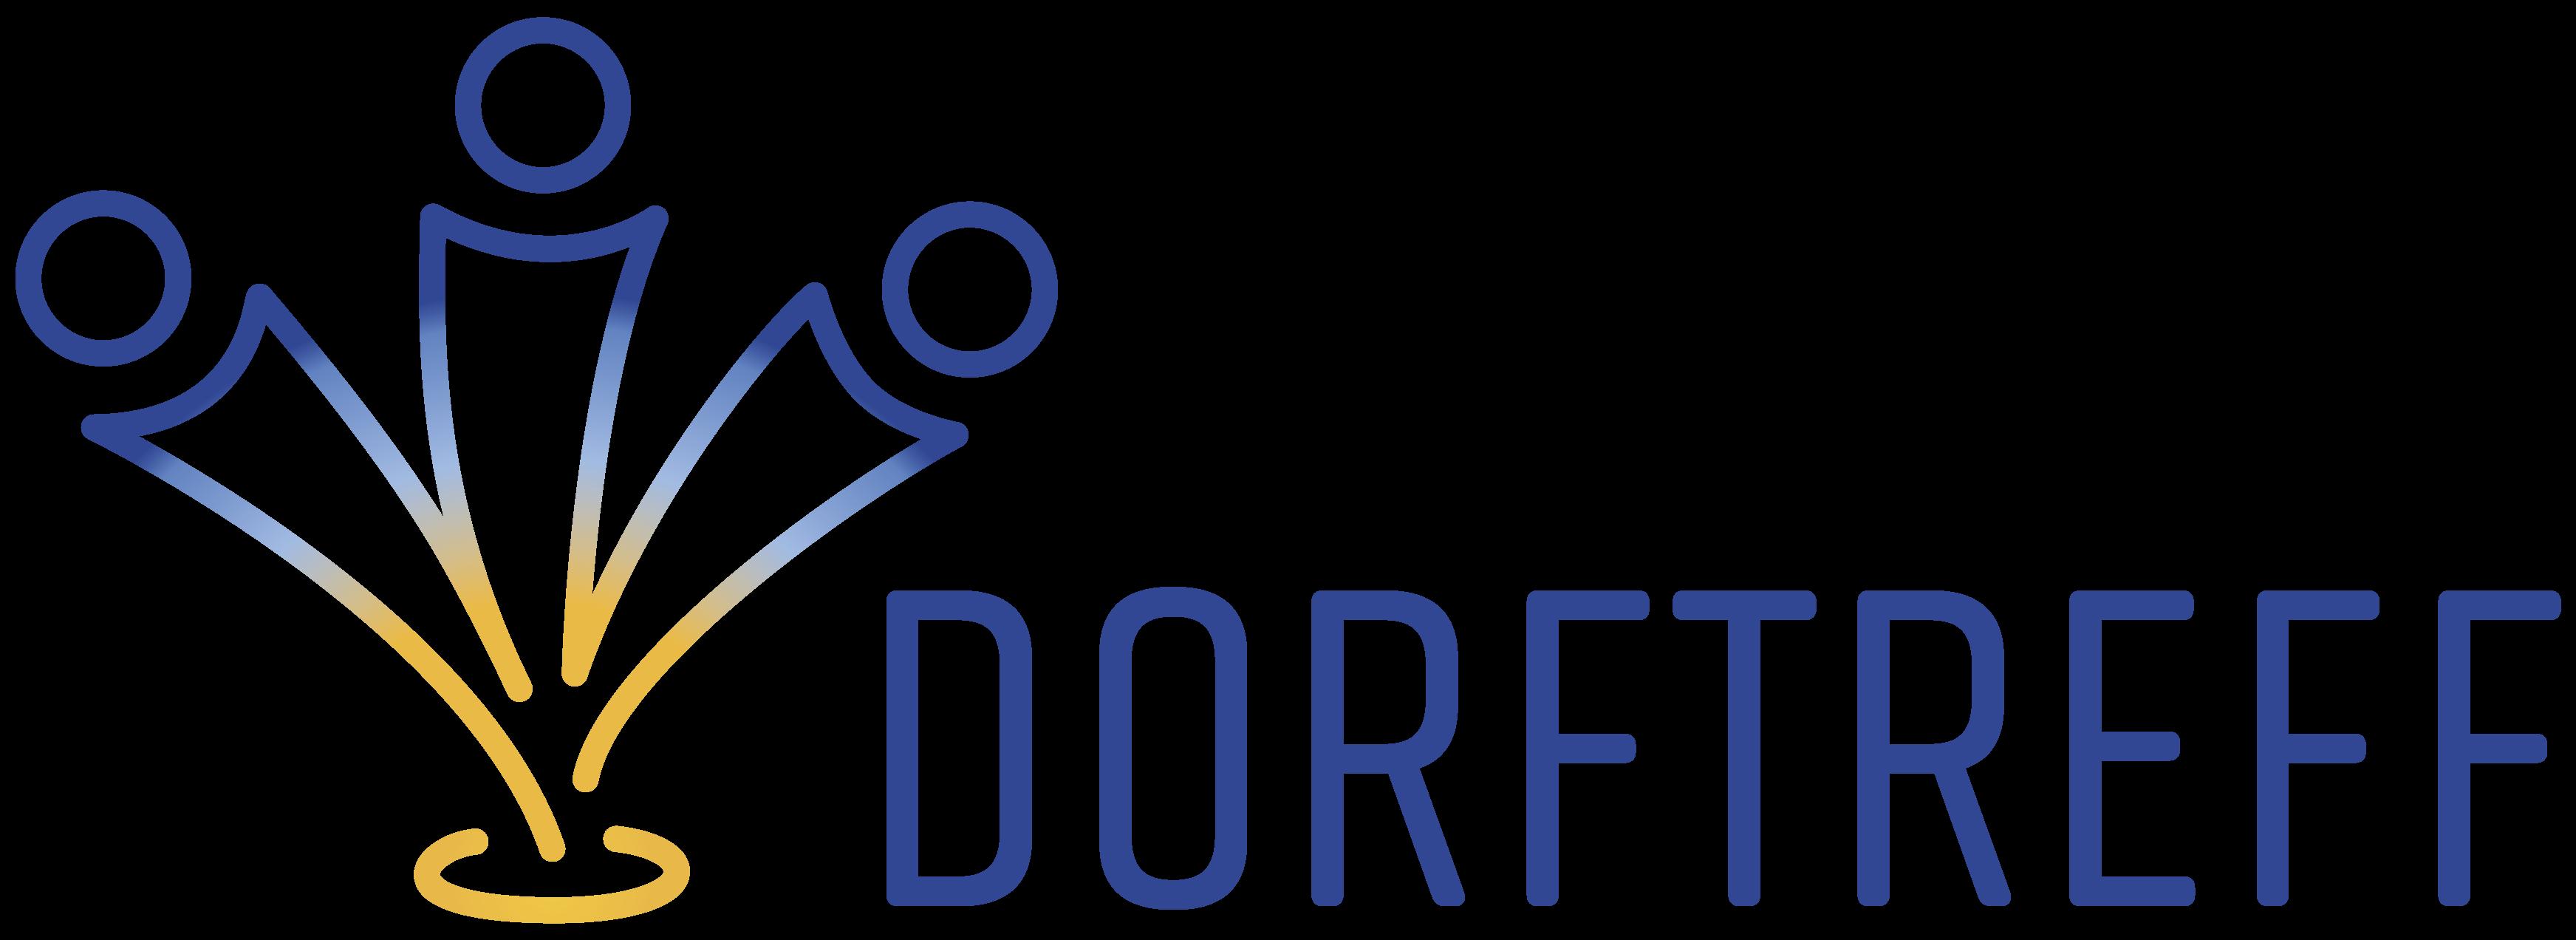 Dorftreff_Logo_farbig_ohne_Waldangelloch-Aktiv